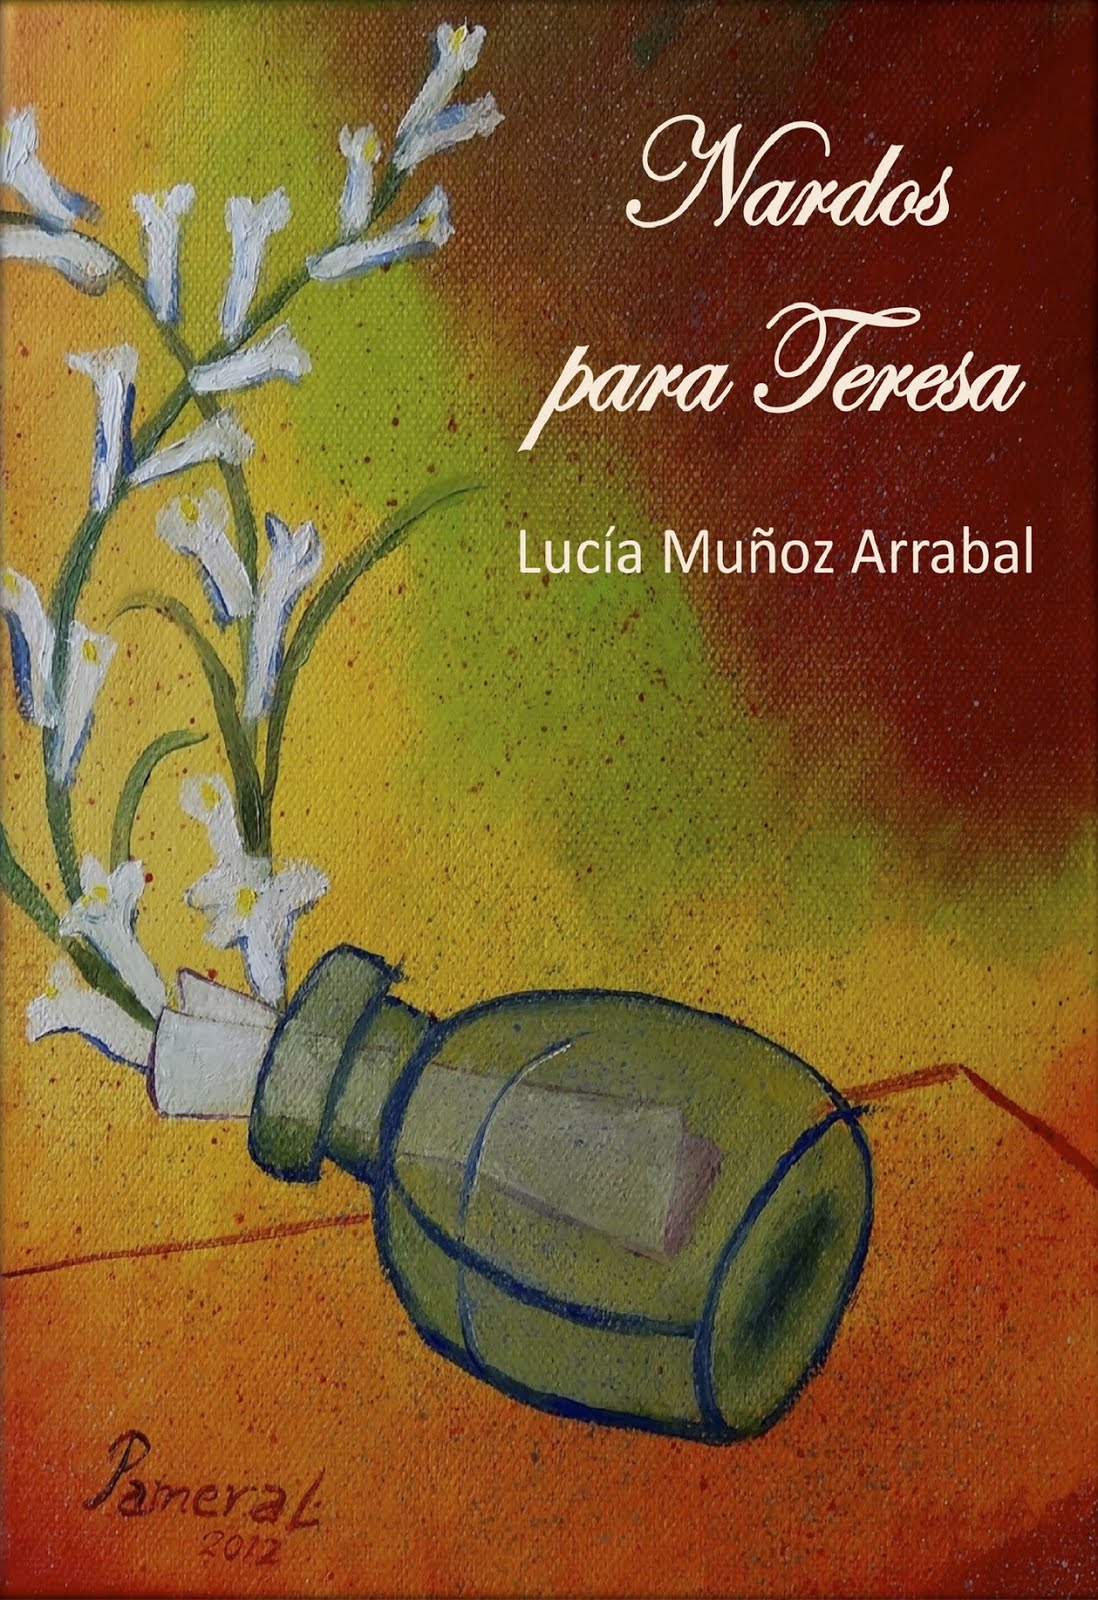 Nardos para Teresa. Novela de venta en Amazon